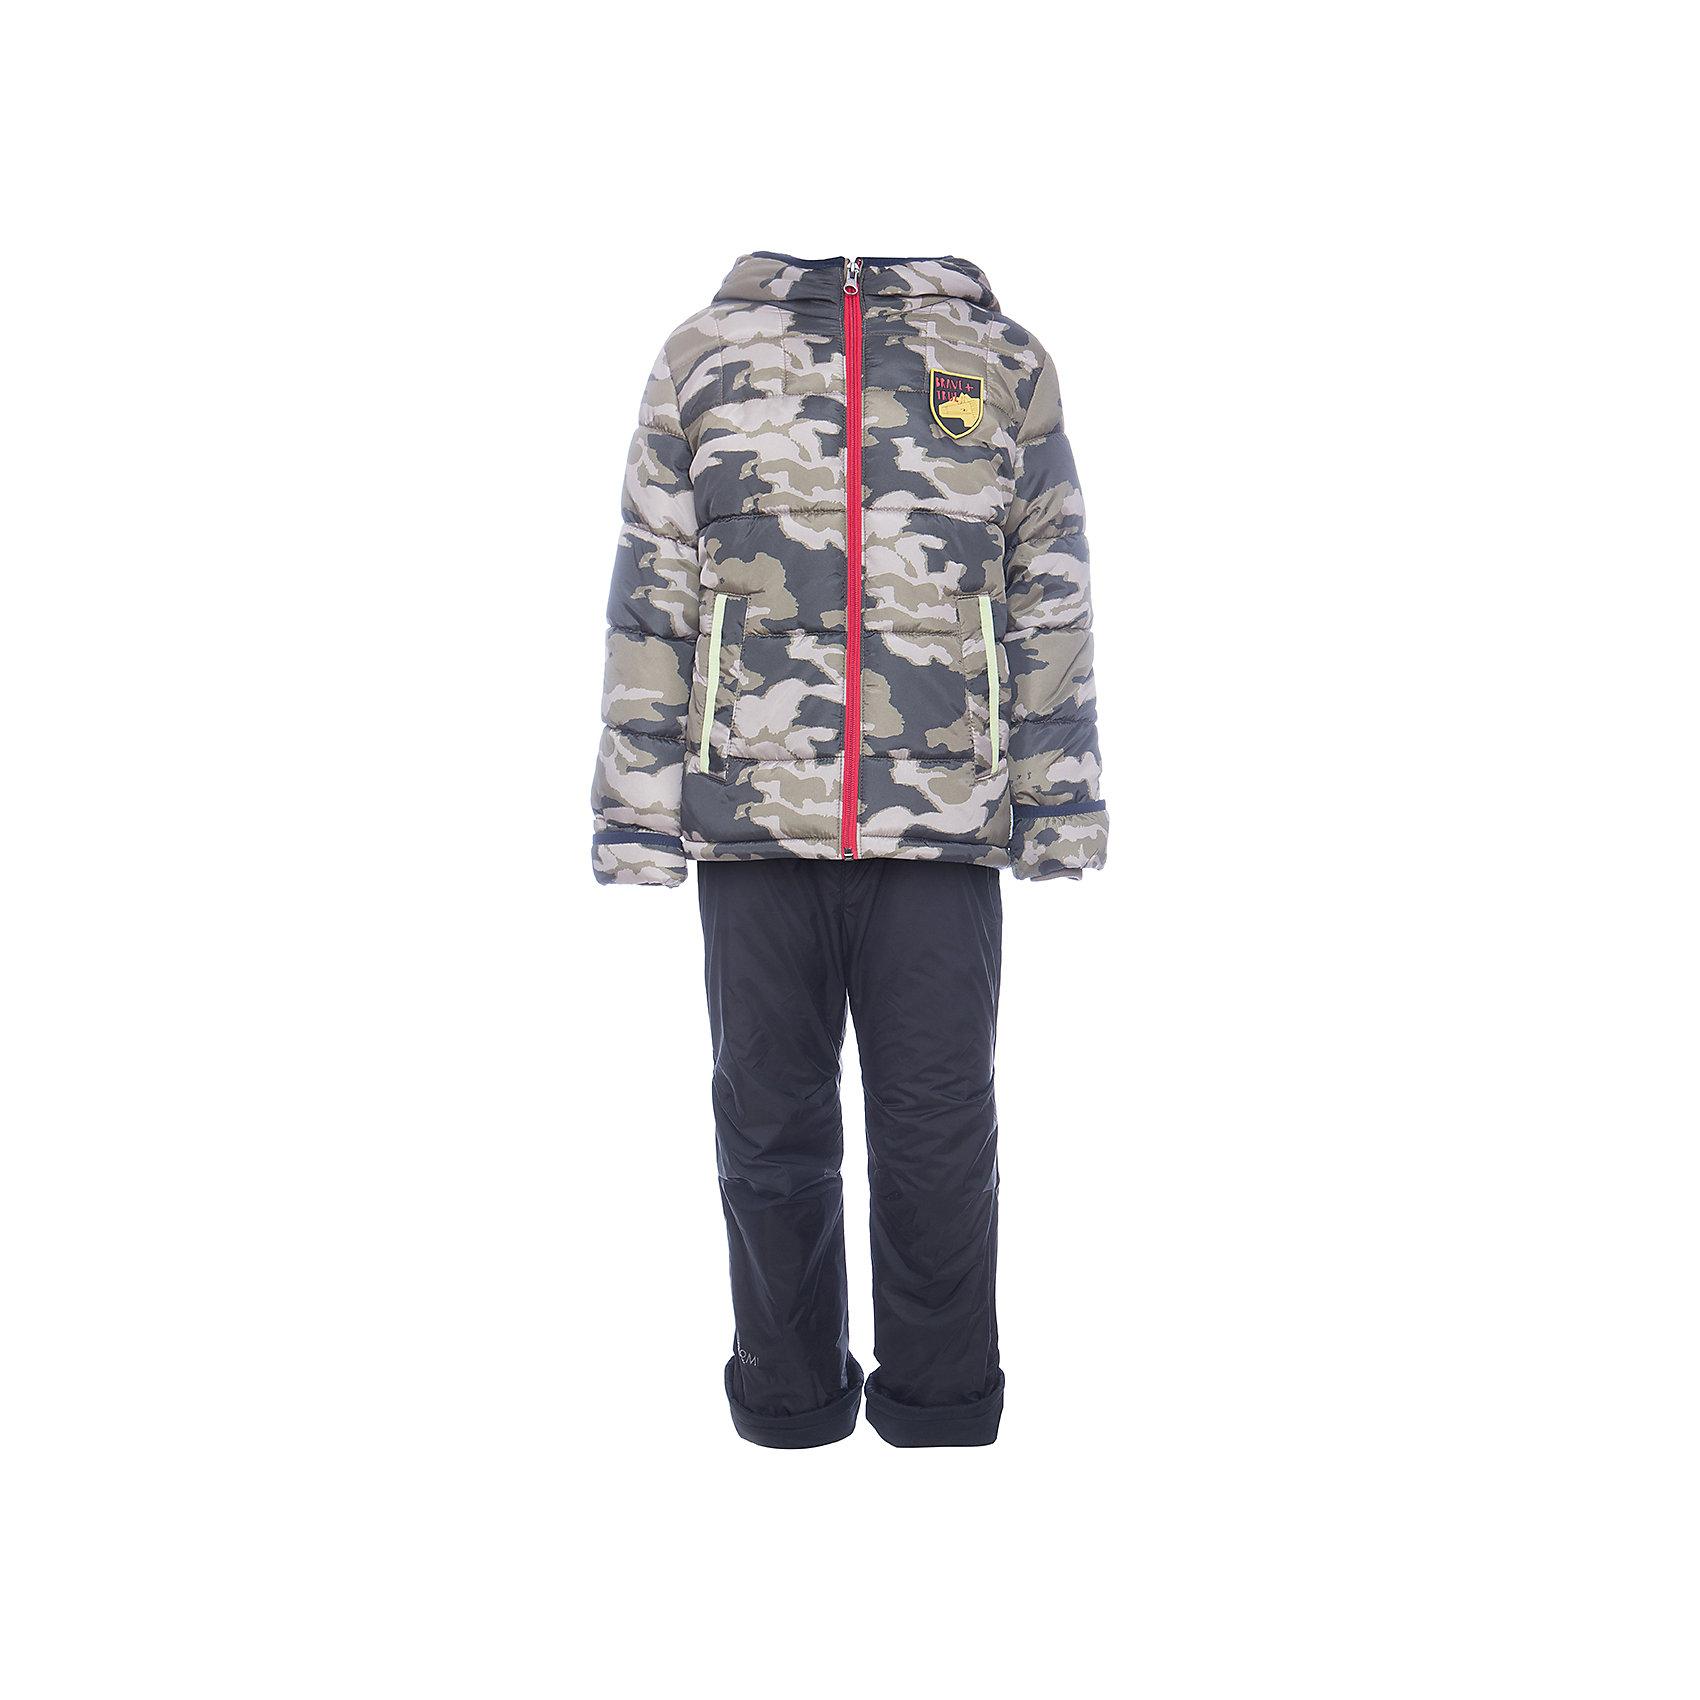 Комплект: куртка и брюки BOOM by Orby для мальчикаВерхняя одежда<br>Характеристики товара:<br><br>• цвет: коричневый<br>• ткань верха: Таффета pu milky<br>• подкладка: куртка - Флис; ПЭ пуходержащий, брюки - флис<br>• утеплитель: куртка - Flexy Fiber 200 г/м2<br>• отделка: Таслан pu milky<br>• сезон: демисезон<br>• температурный режим: от -5°до +10°С<br>• особенности куртки: на молнии, со светоотражающими элементами<br>• особенности брюк: на резинке, есть регулирующие лямки<br>• капюшон: без меха, несъемный<br>• страна бренда: Россия<br>• страна изготовитель: Россия<br><br>Удобный комплект для мальчика позволит обеспечить ребенку комфорт в демисезон. Куртка и брюки защитят от сырости в дождливую погоду и согреют в небольшой мороз.<br><br>Комплект: куртка и брюки BOOM by Orby для мальчика можно купить в нашем интернет-магазине.<br><br>Ширина мм: 356<br>Глубина мм: 10<br>Высота мм: 245<br>Вес г: 519<br>Цвет: коричневый<br>Возраст от месяцев: 48<br>Возраст до месяцев: 60<br>Пол: Мужской<br>Возраст: Детский<br>Размер: 110,116,122,104,86,92,98<br>SKU: 7007342